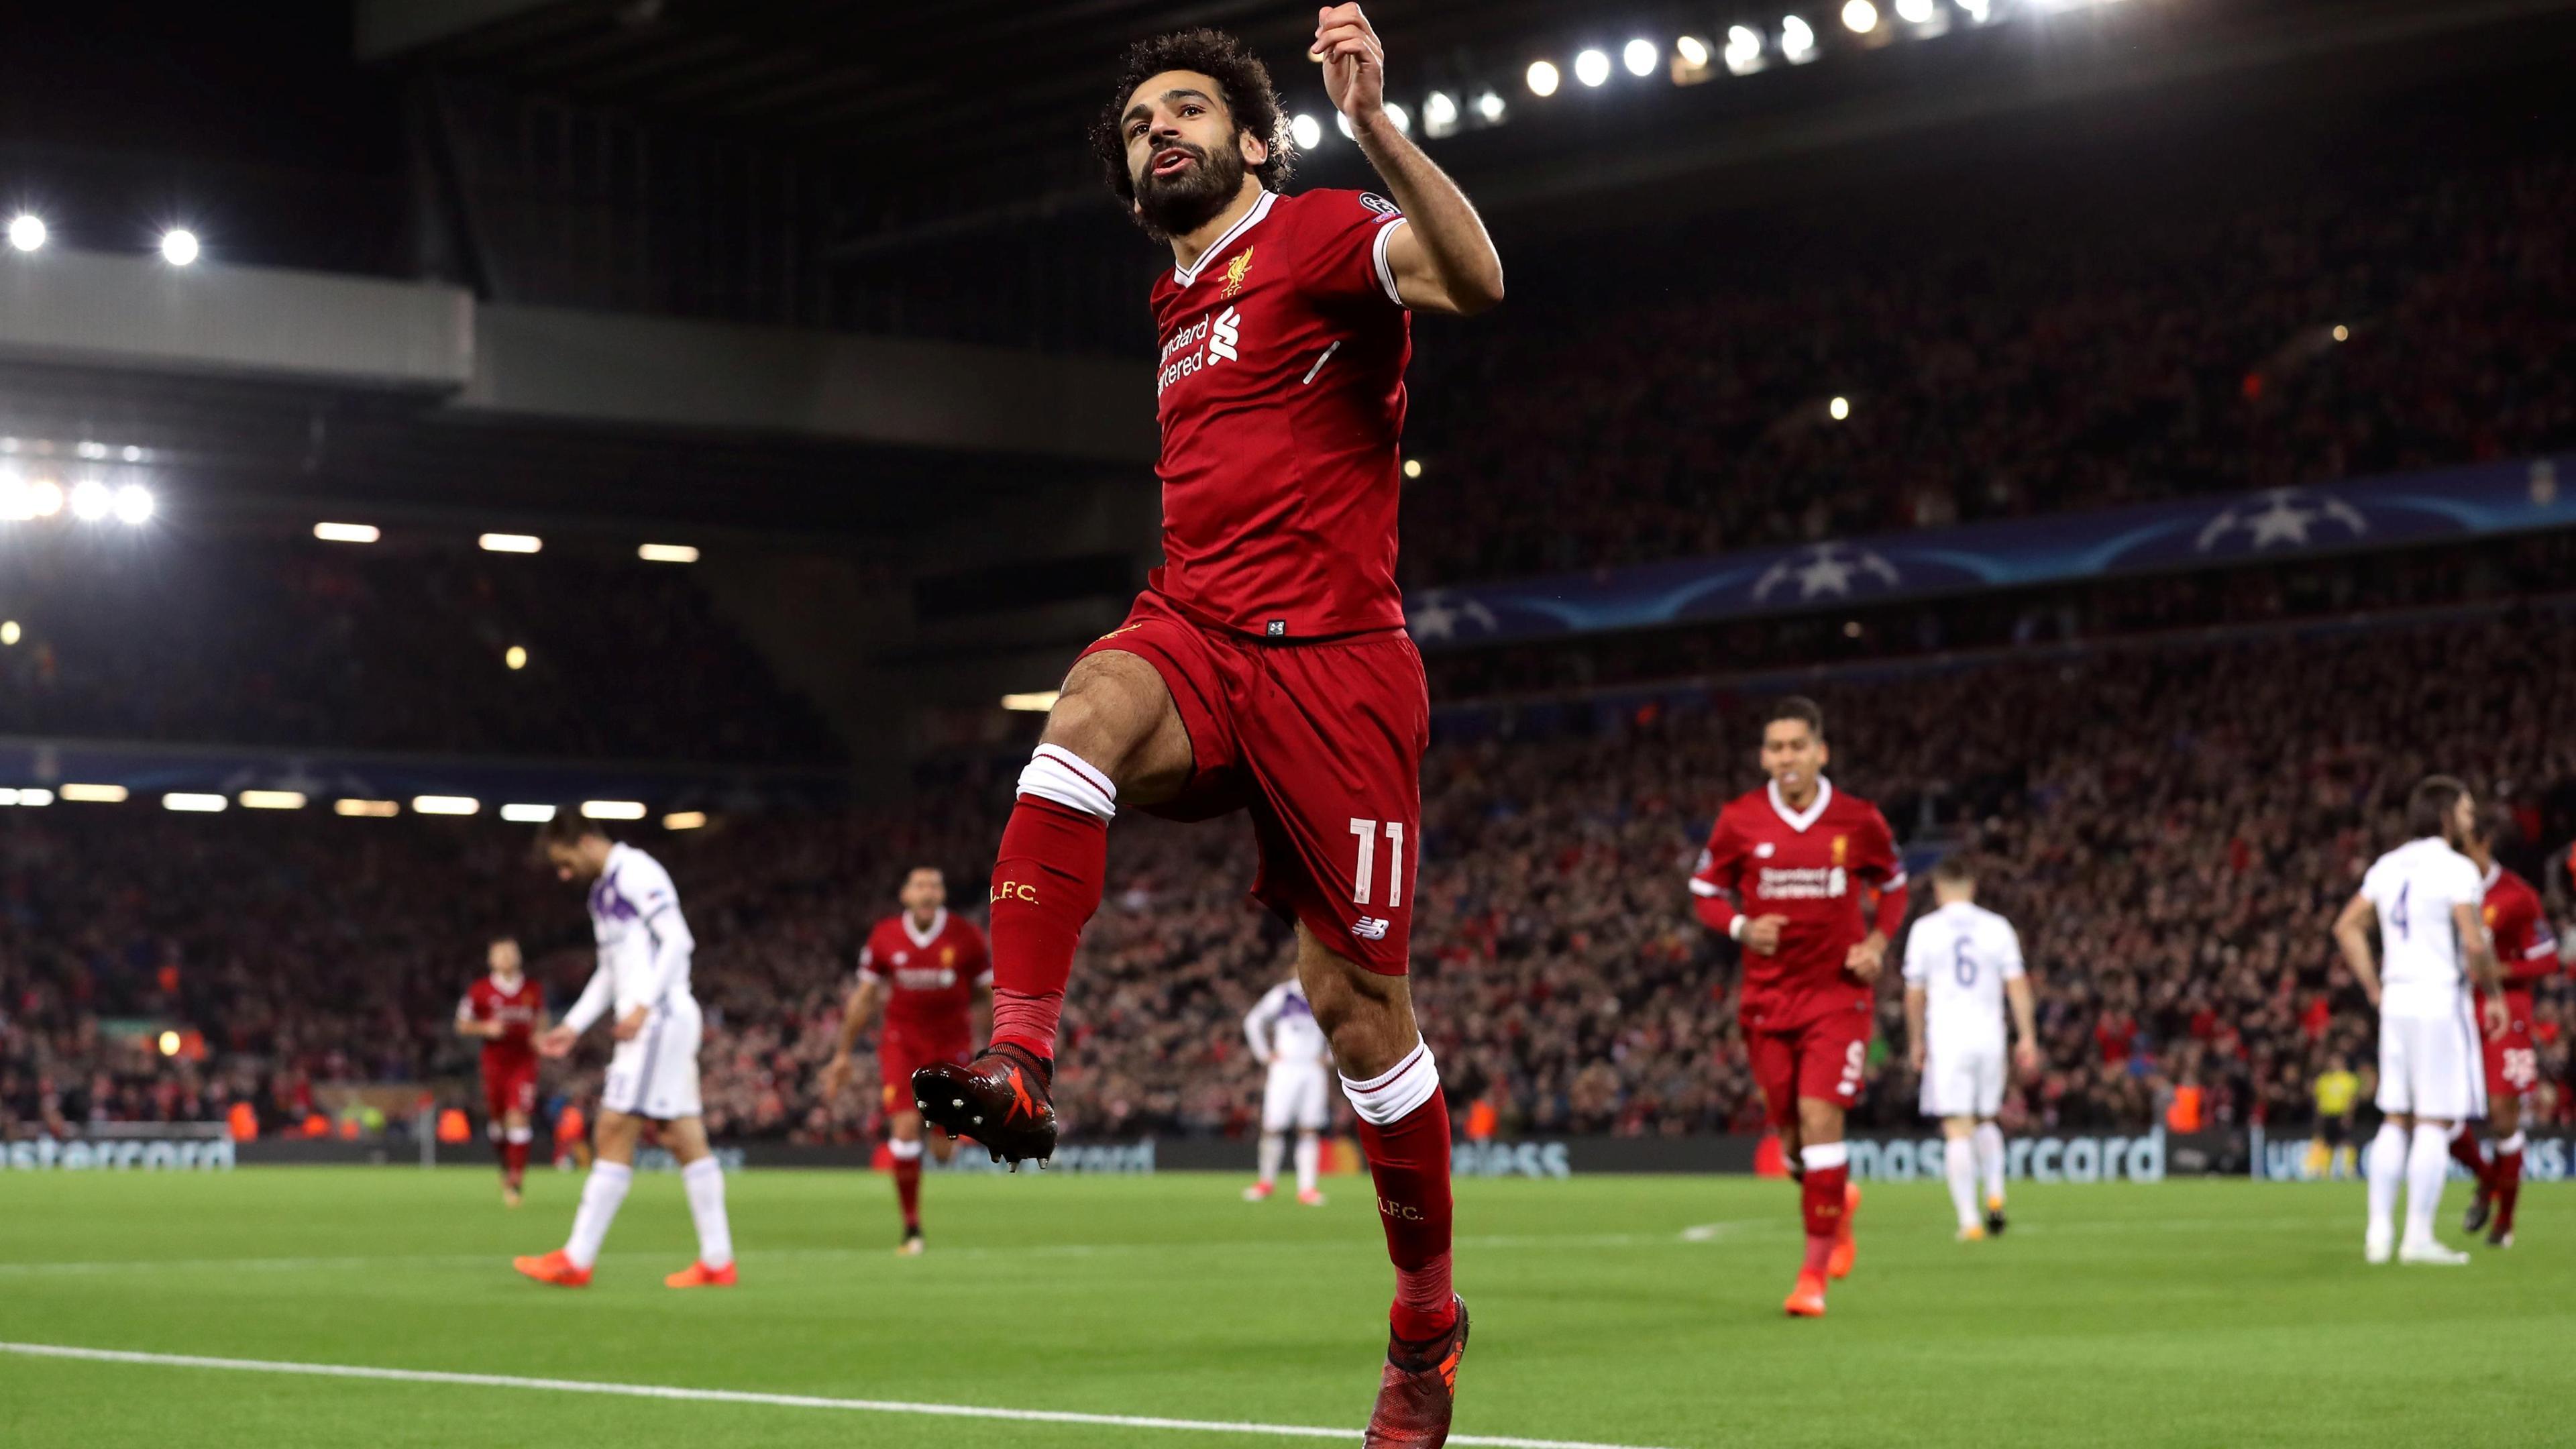 Mohamed Salah Egyptian Footballer FIFA World Cup 2018 4K